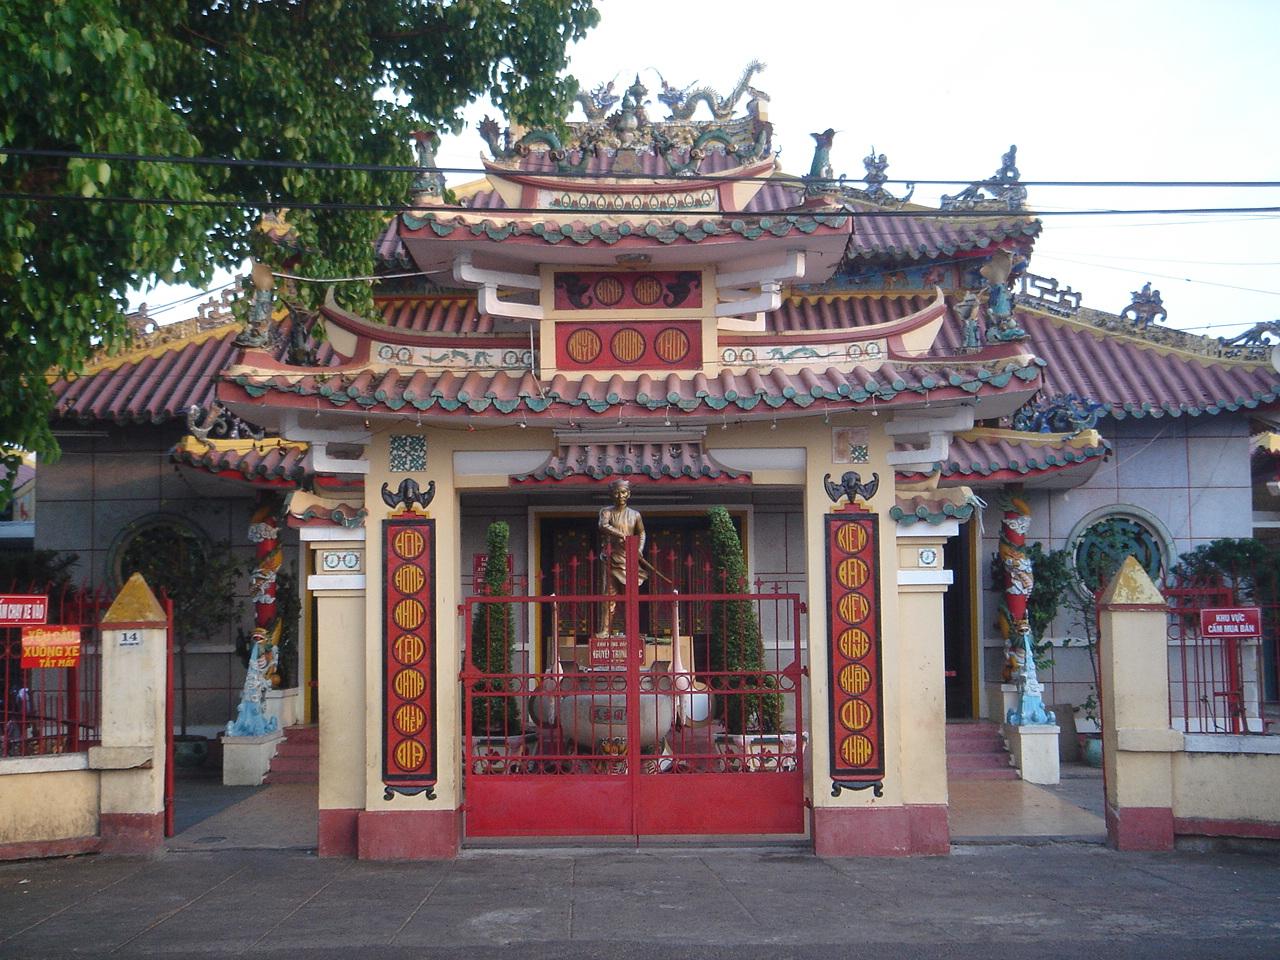 Vé máy bay Vietnam Airlines - Viếng thăm đền thờ Nguyễn Trung Trực